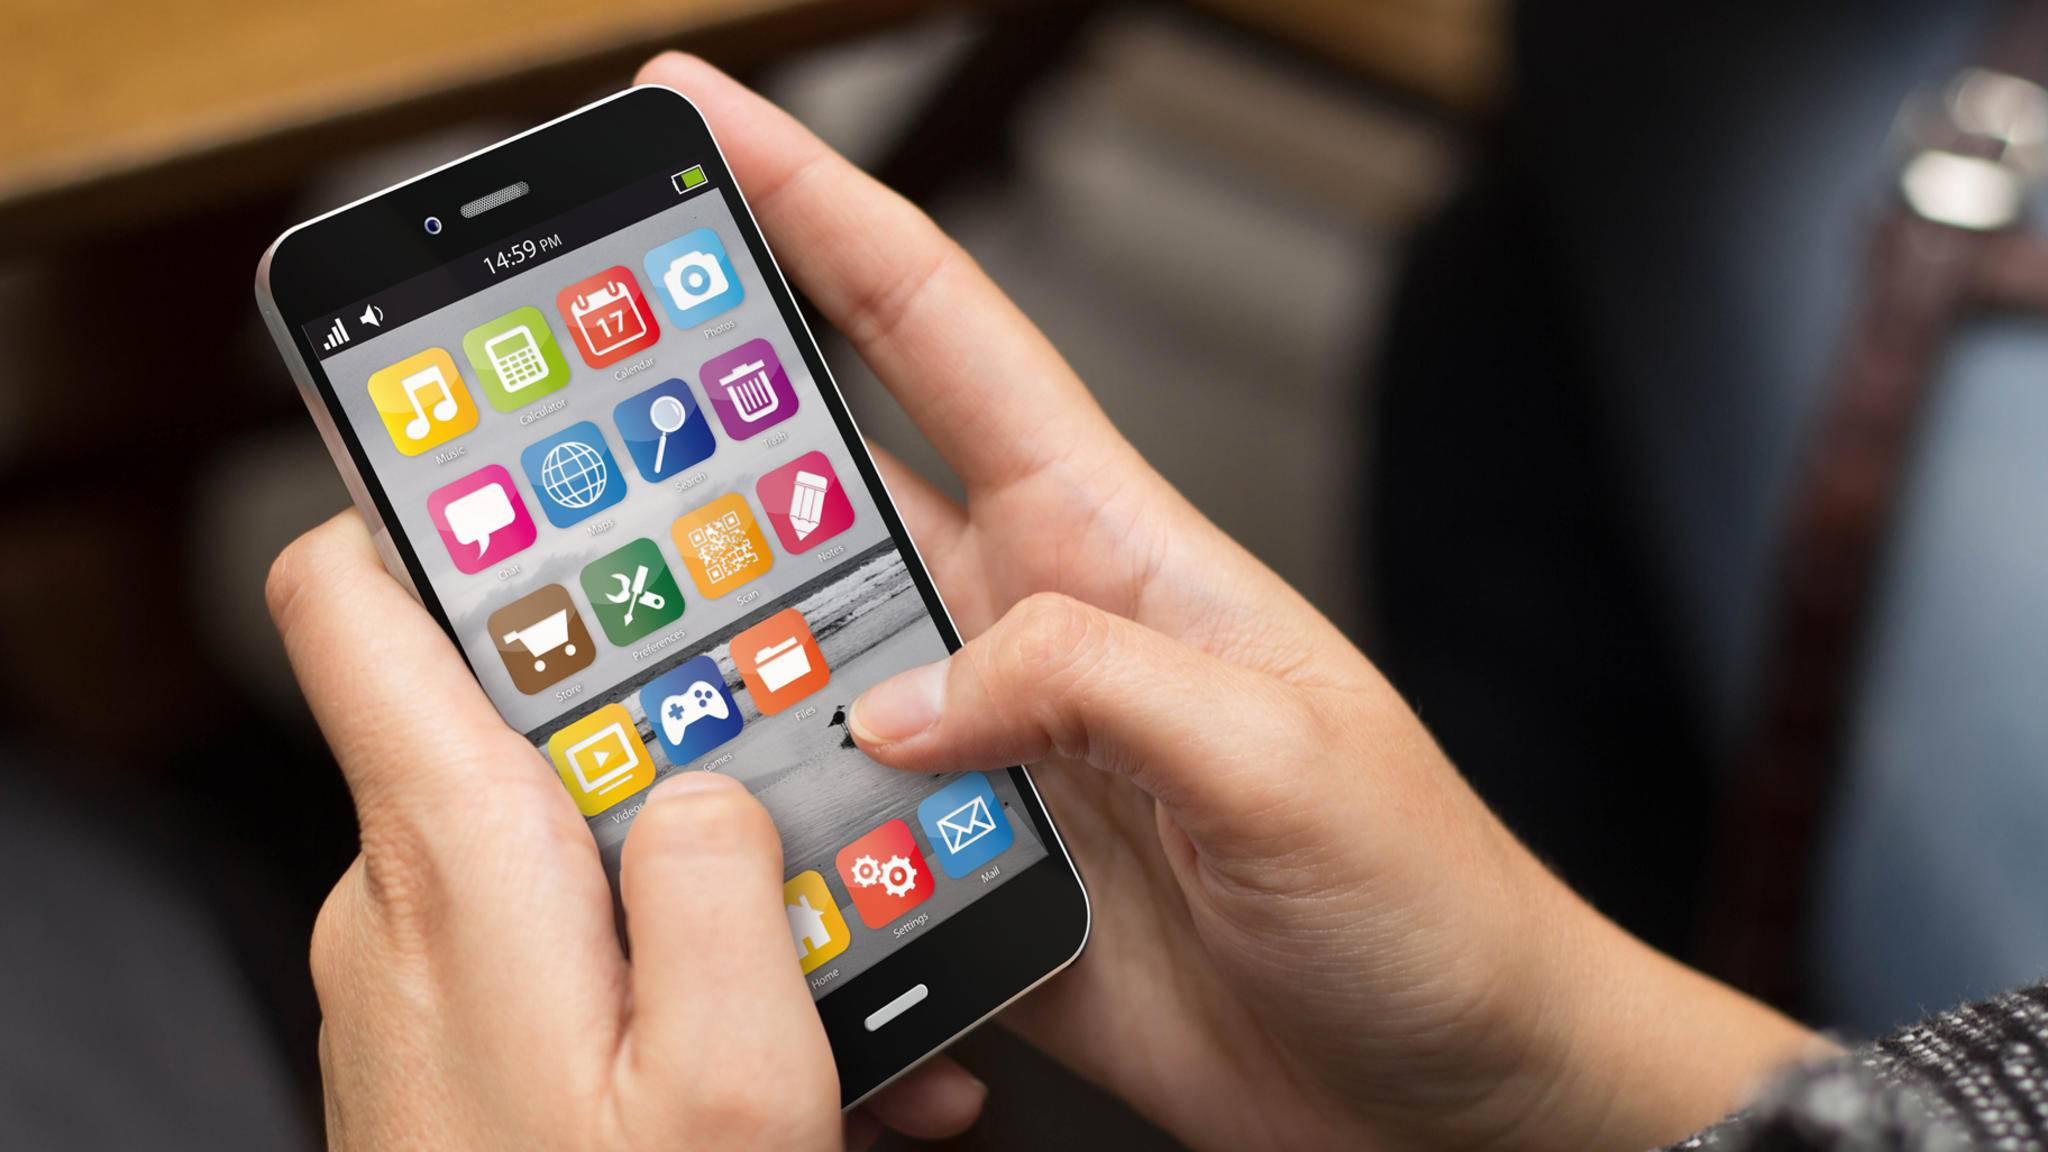 Mit nützlichen Tools kannst Du Deine Apps direkt auf ein neues Smartphone mitnehmen.